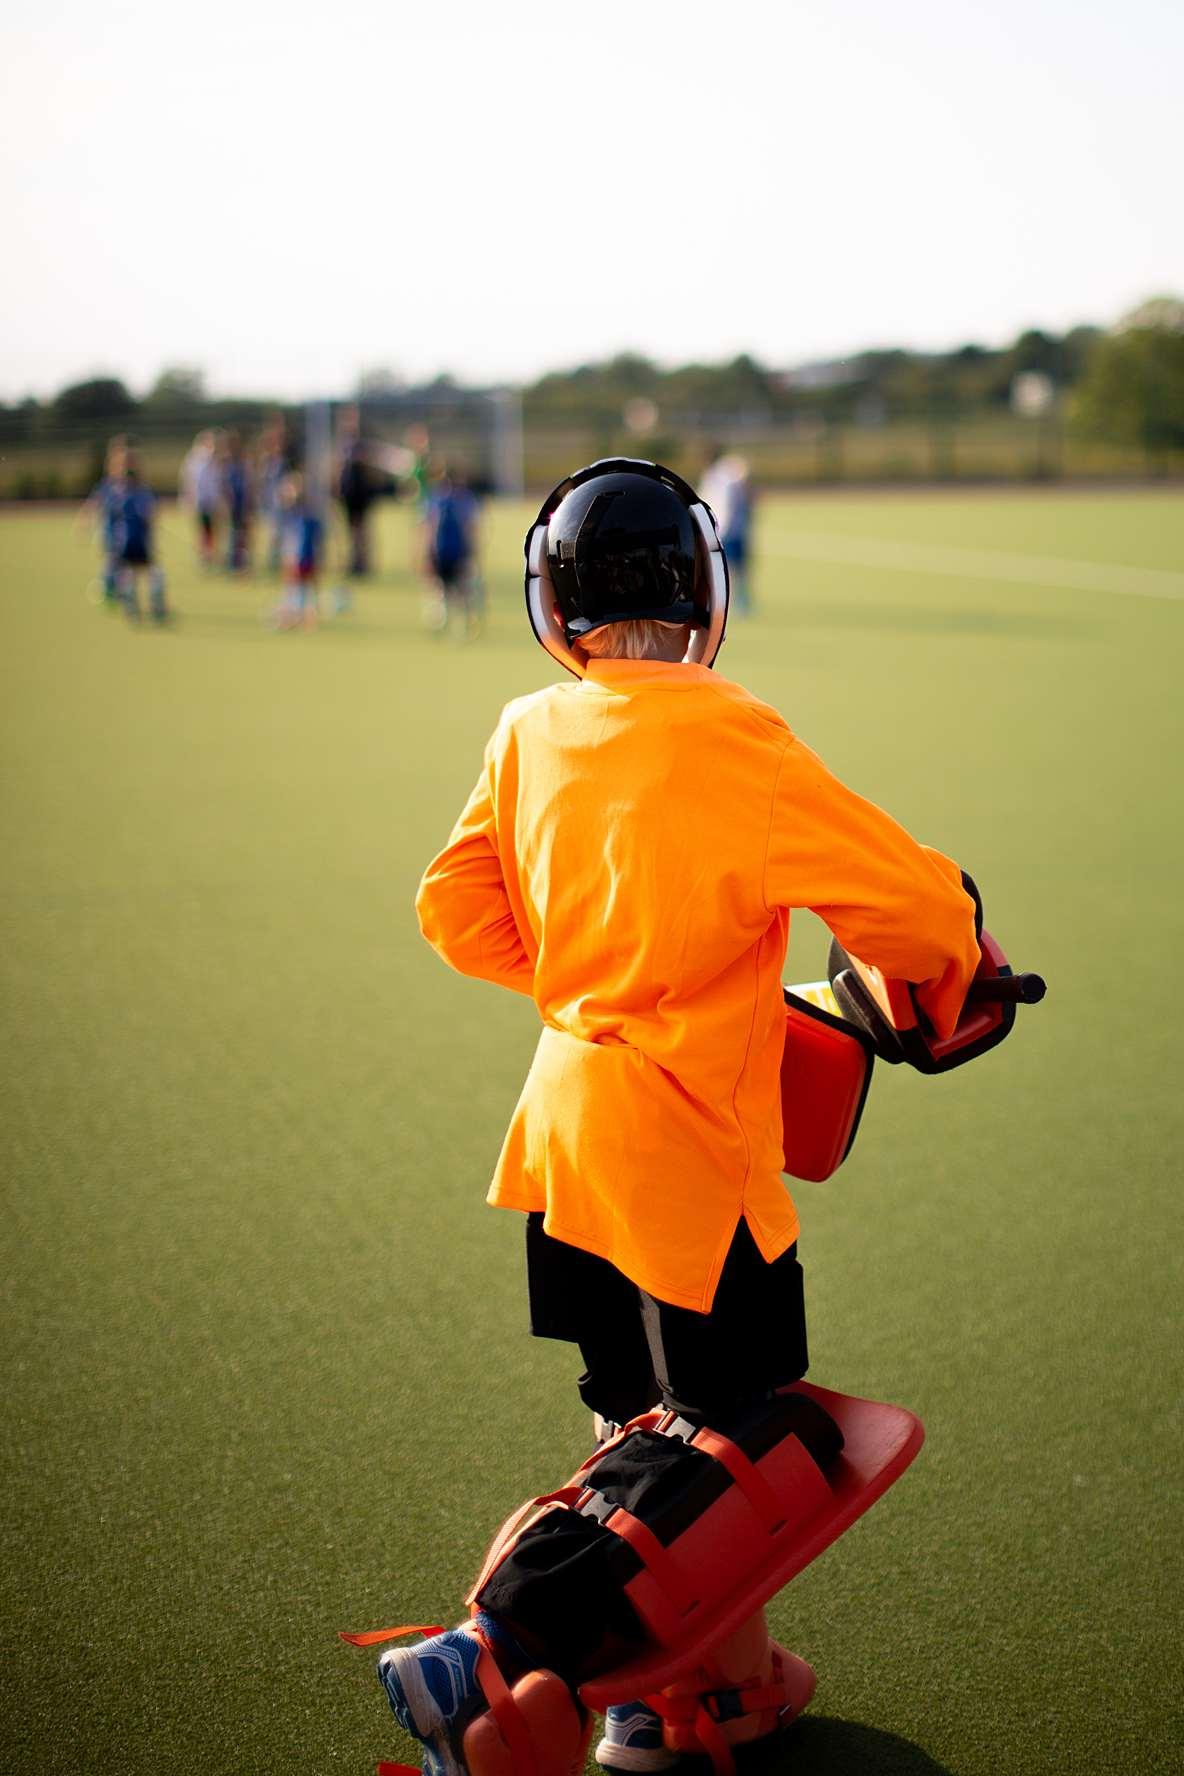 goalie training gloucestershire sports photography